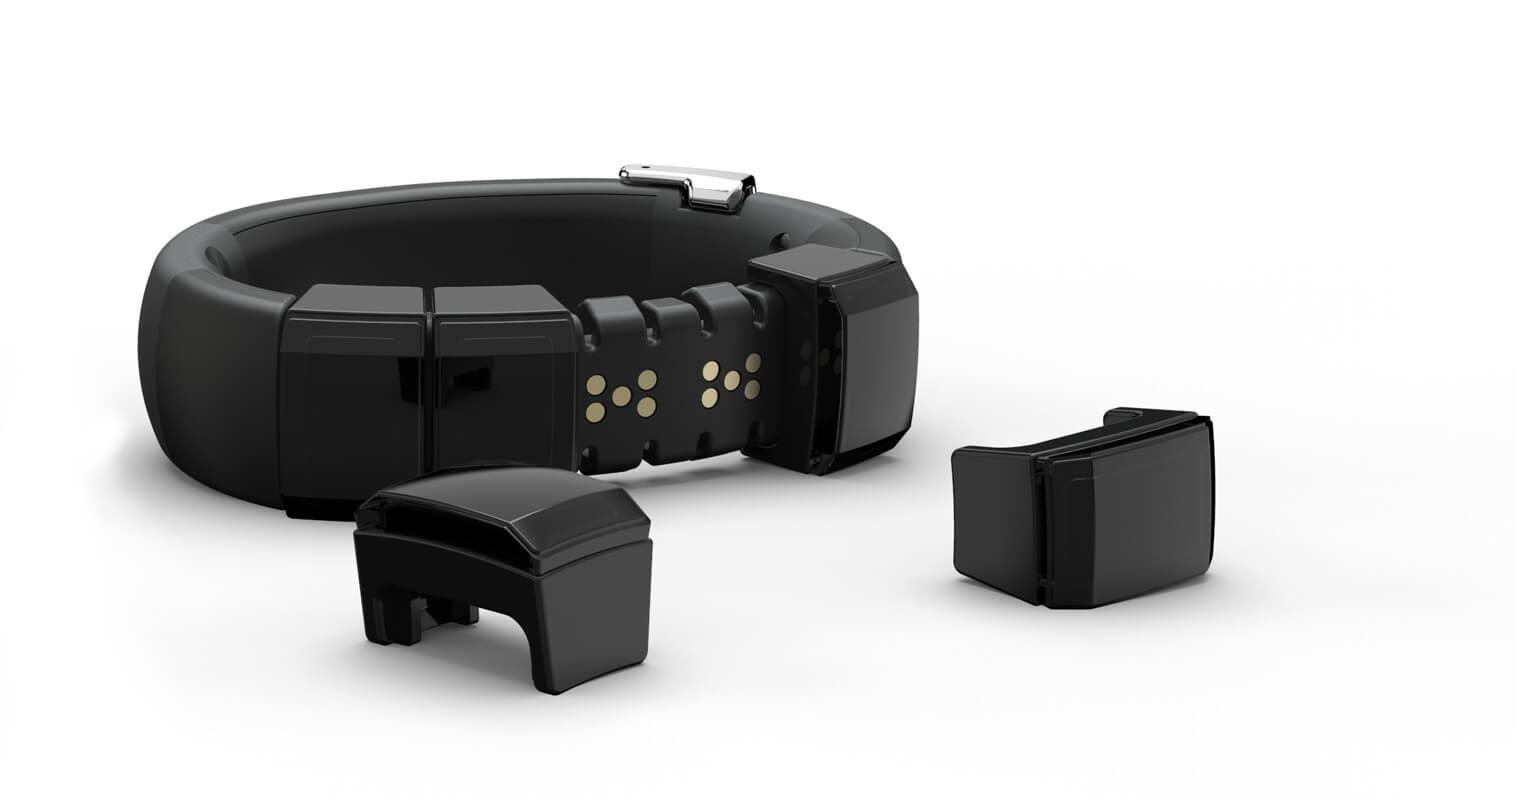 Vue 3/4 du bracelet NEX avec 2 modules détachés.